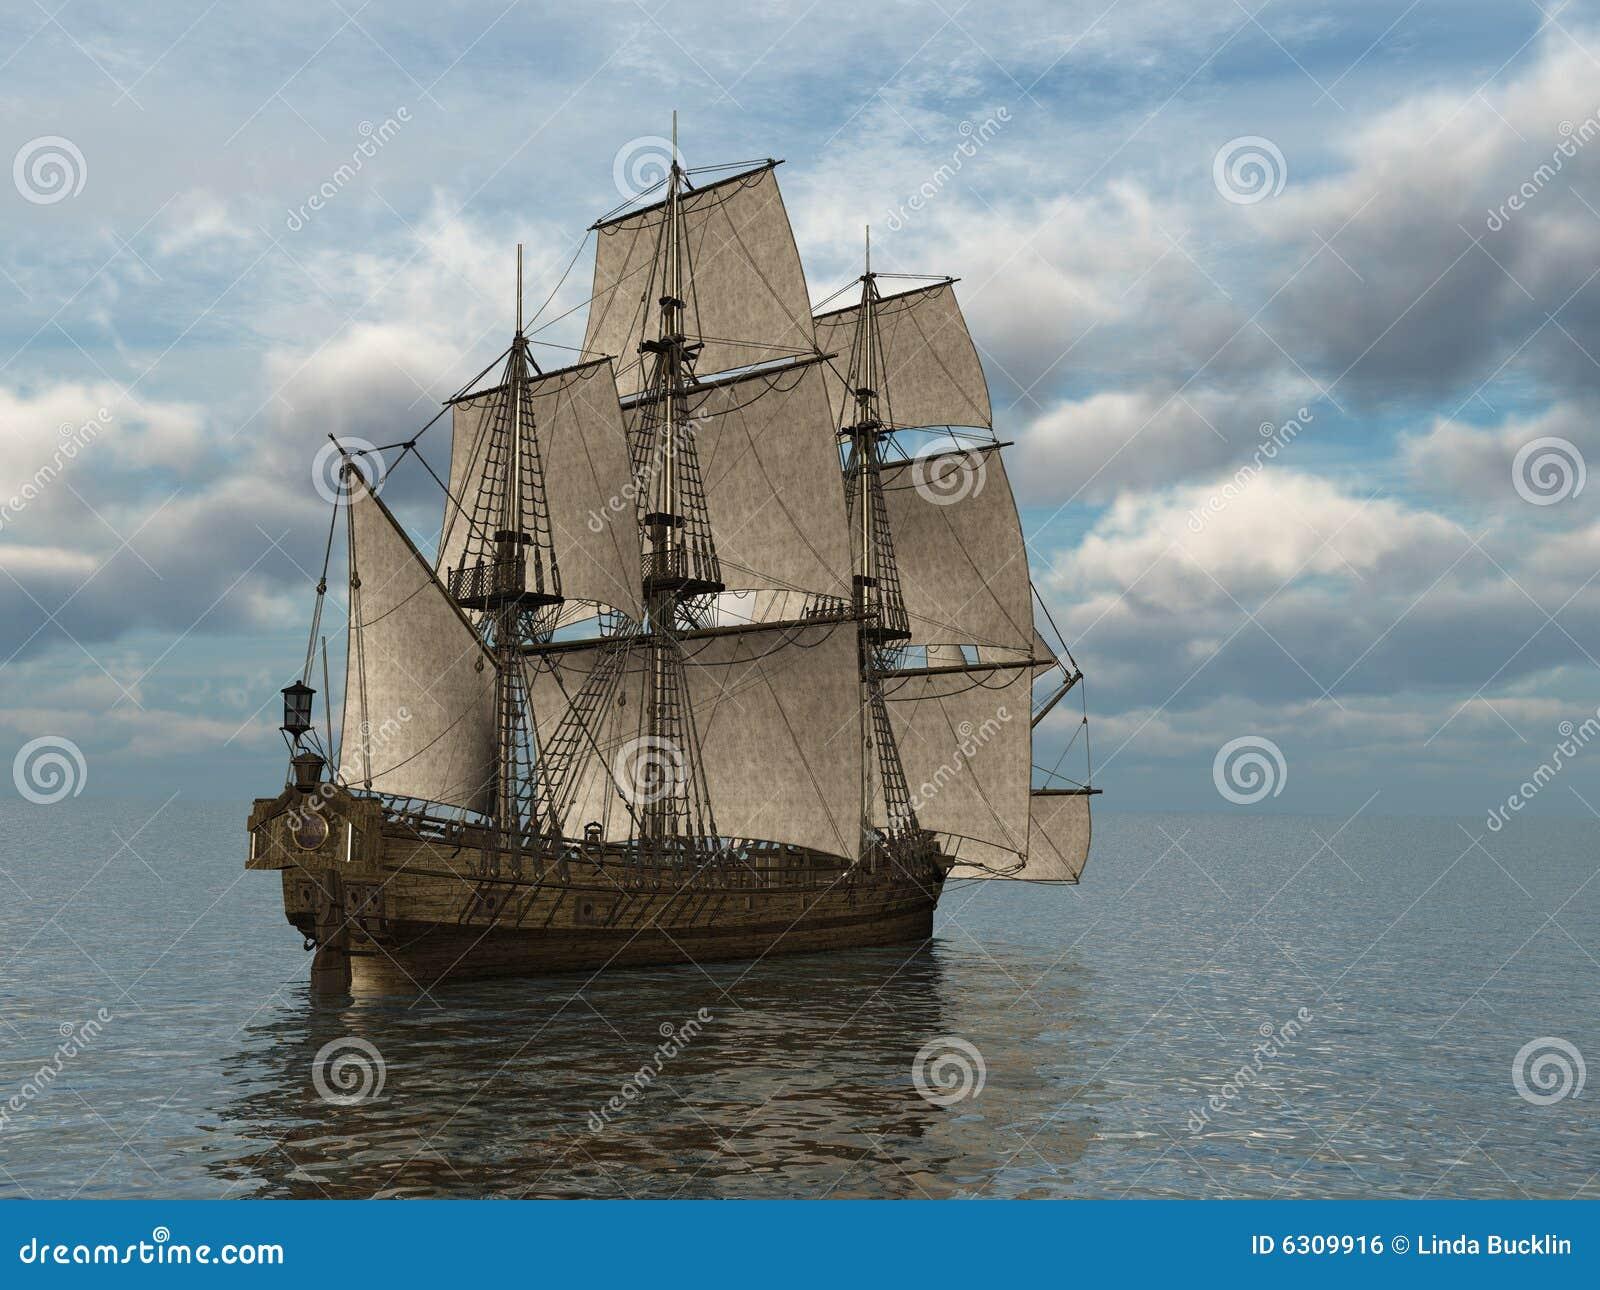 Tall Ship at Sea